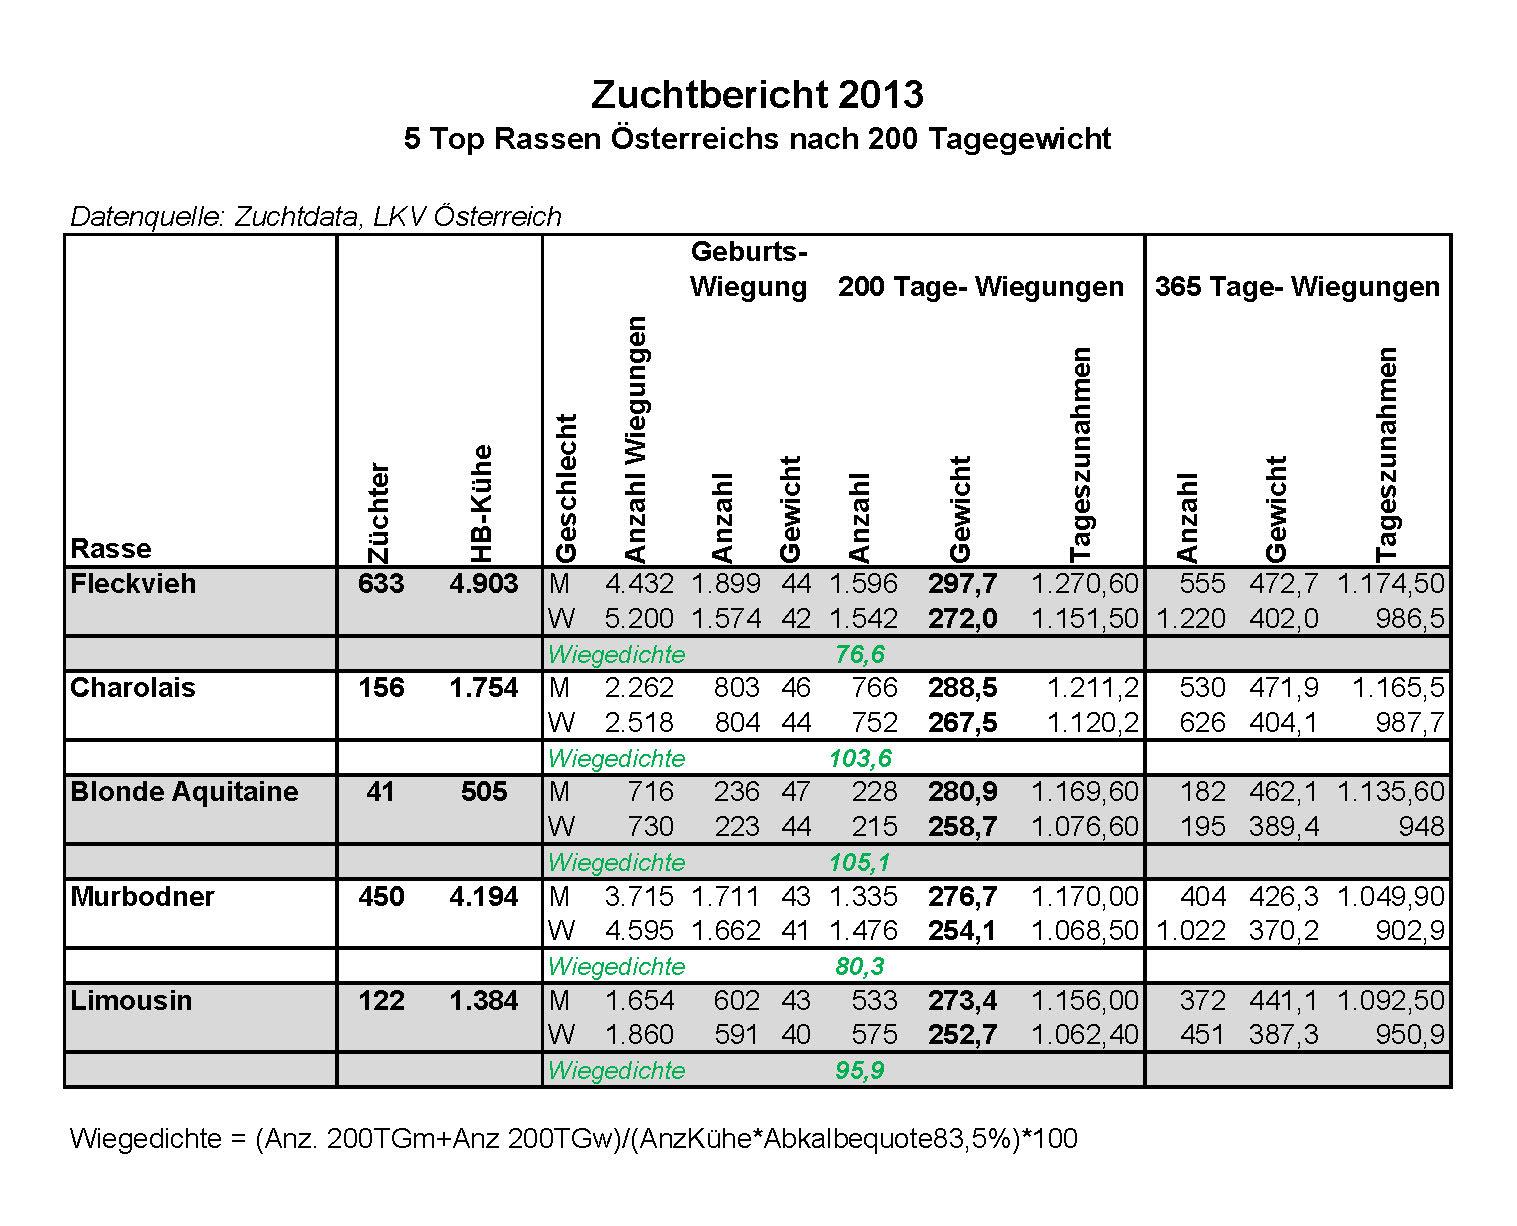 Zuchtbericht2013_Rassen